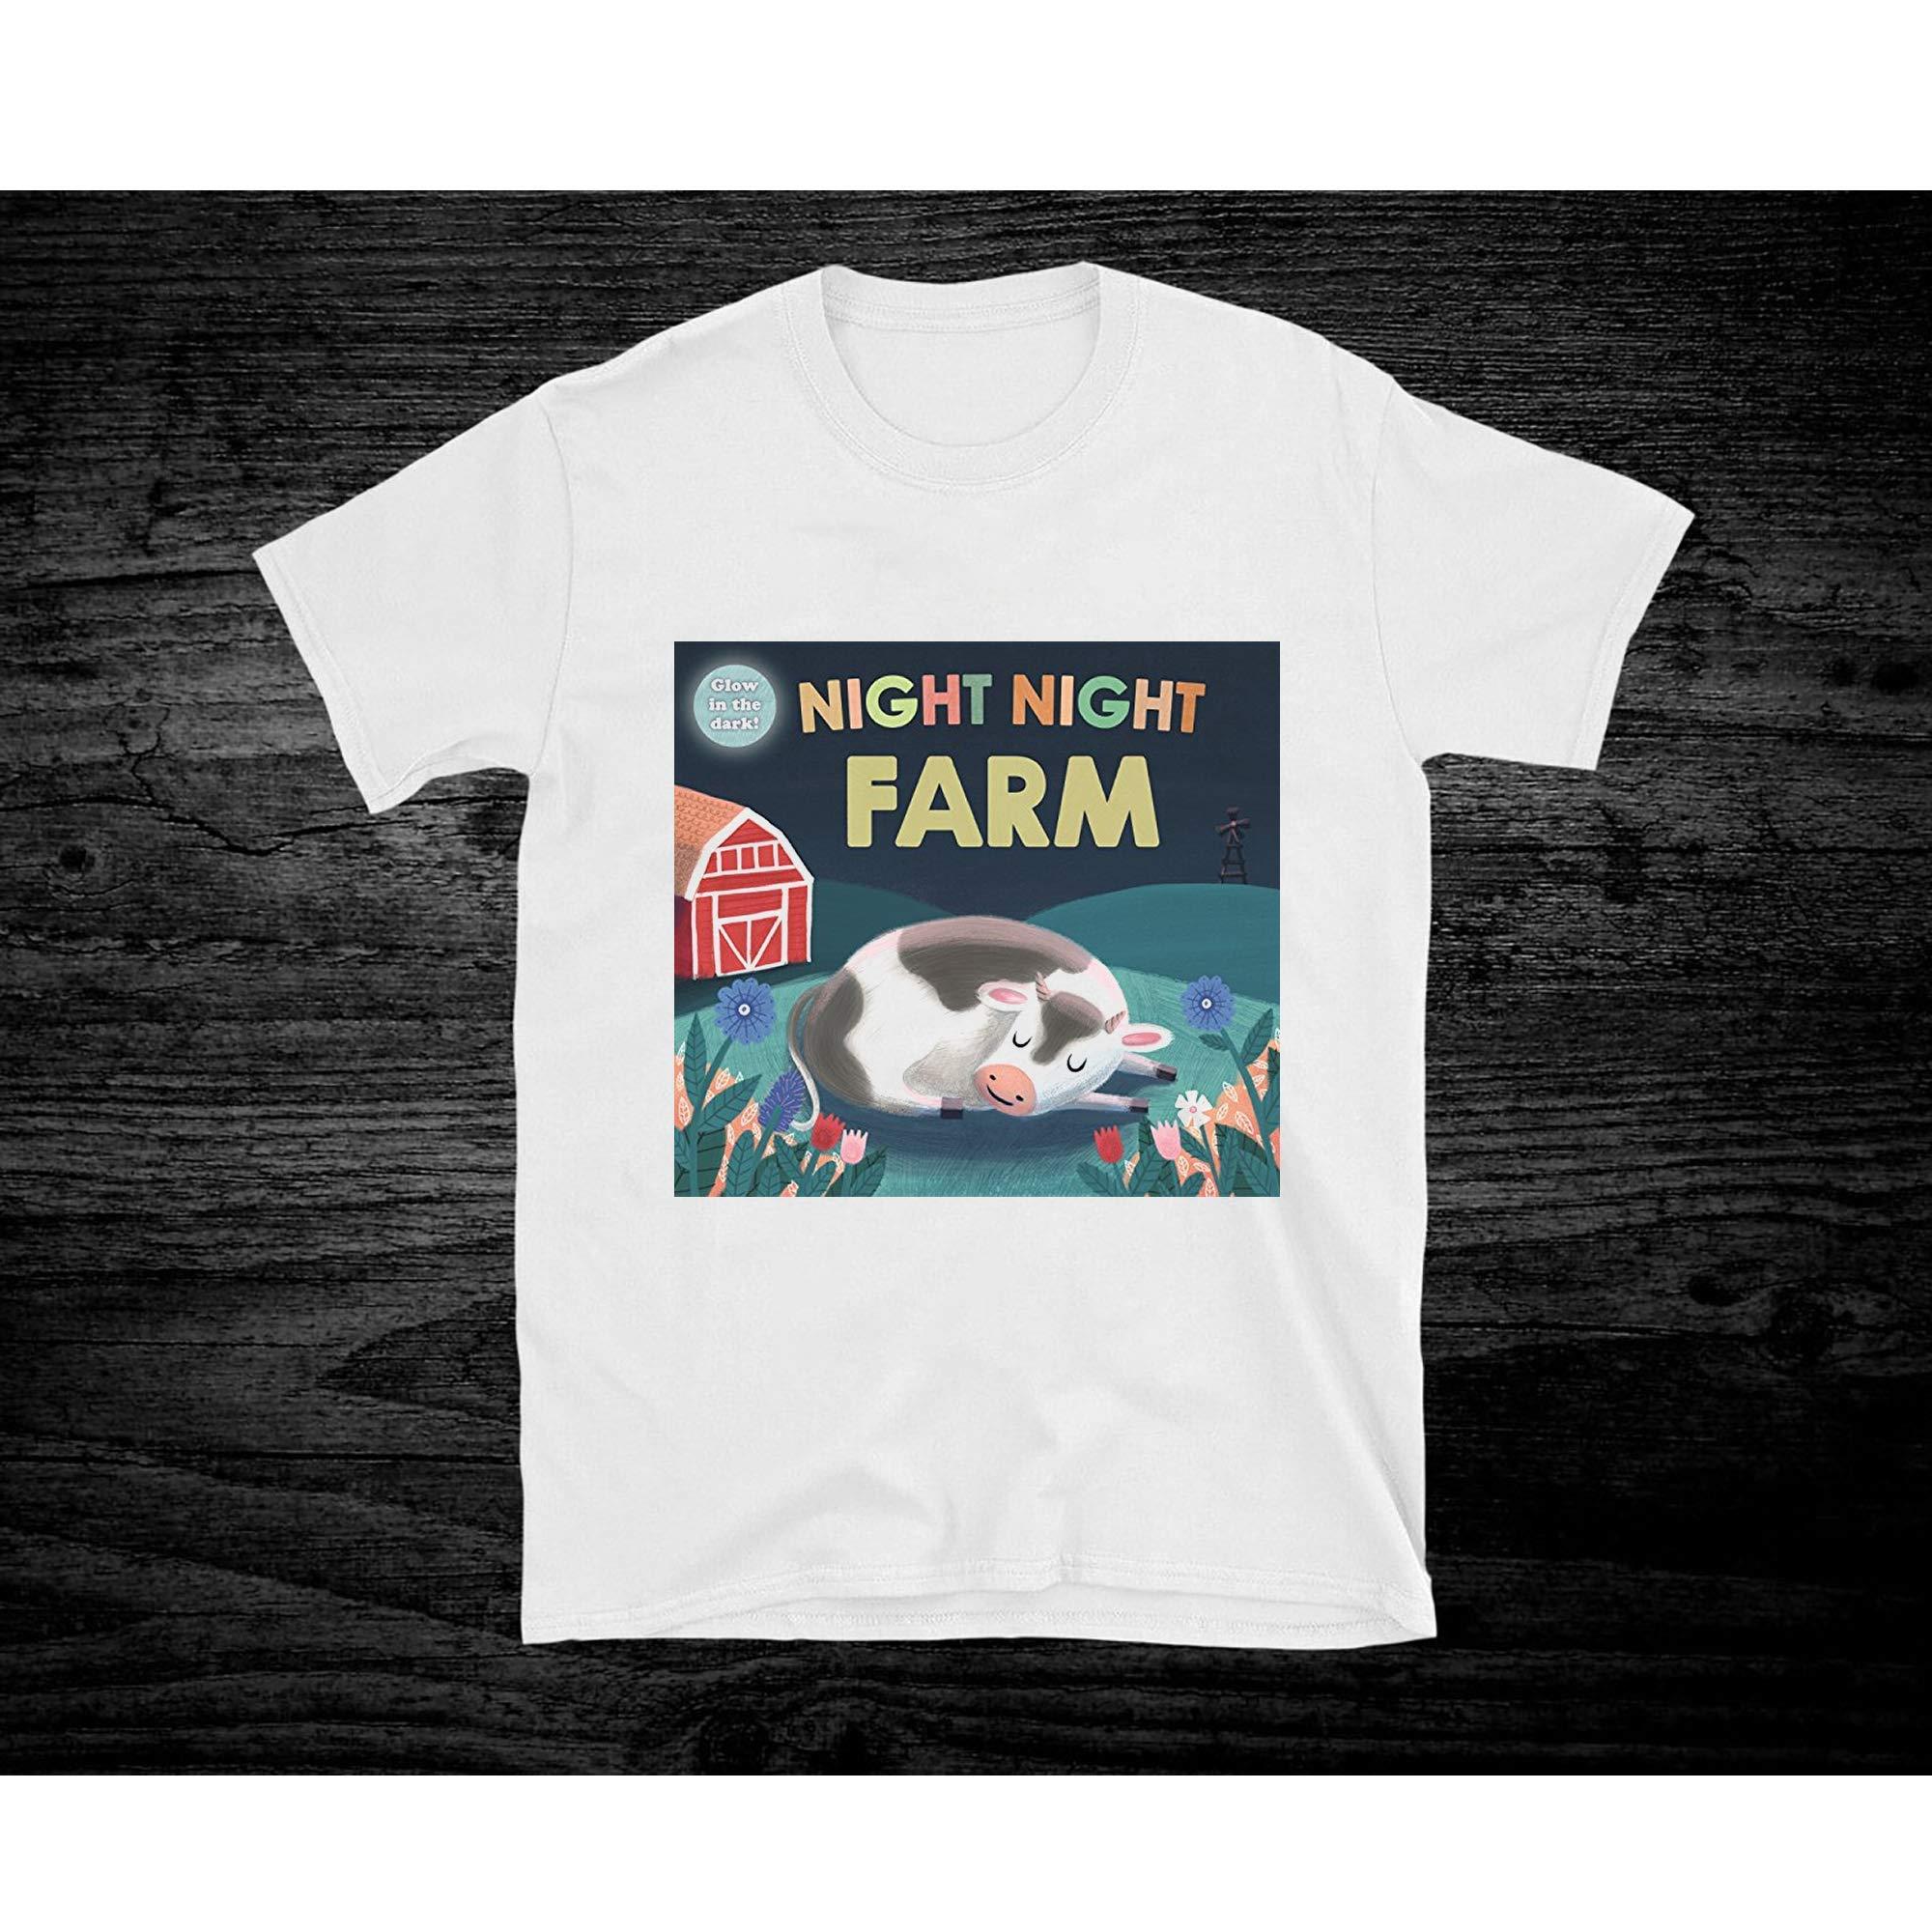 Night Night Farm For Unisex Shirts